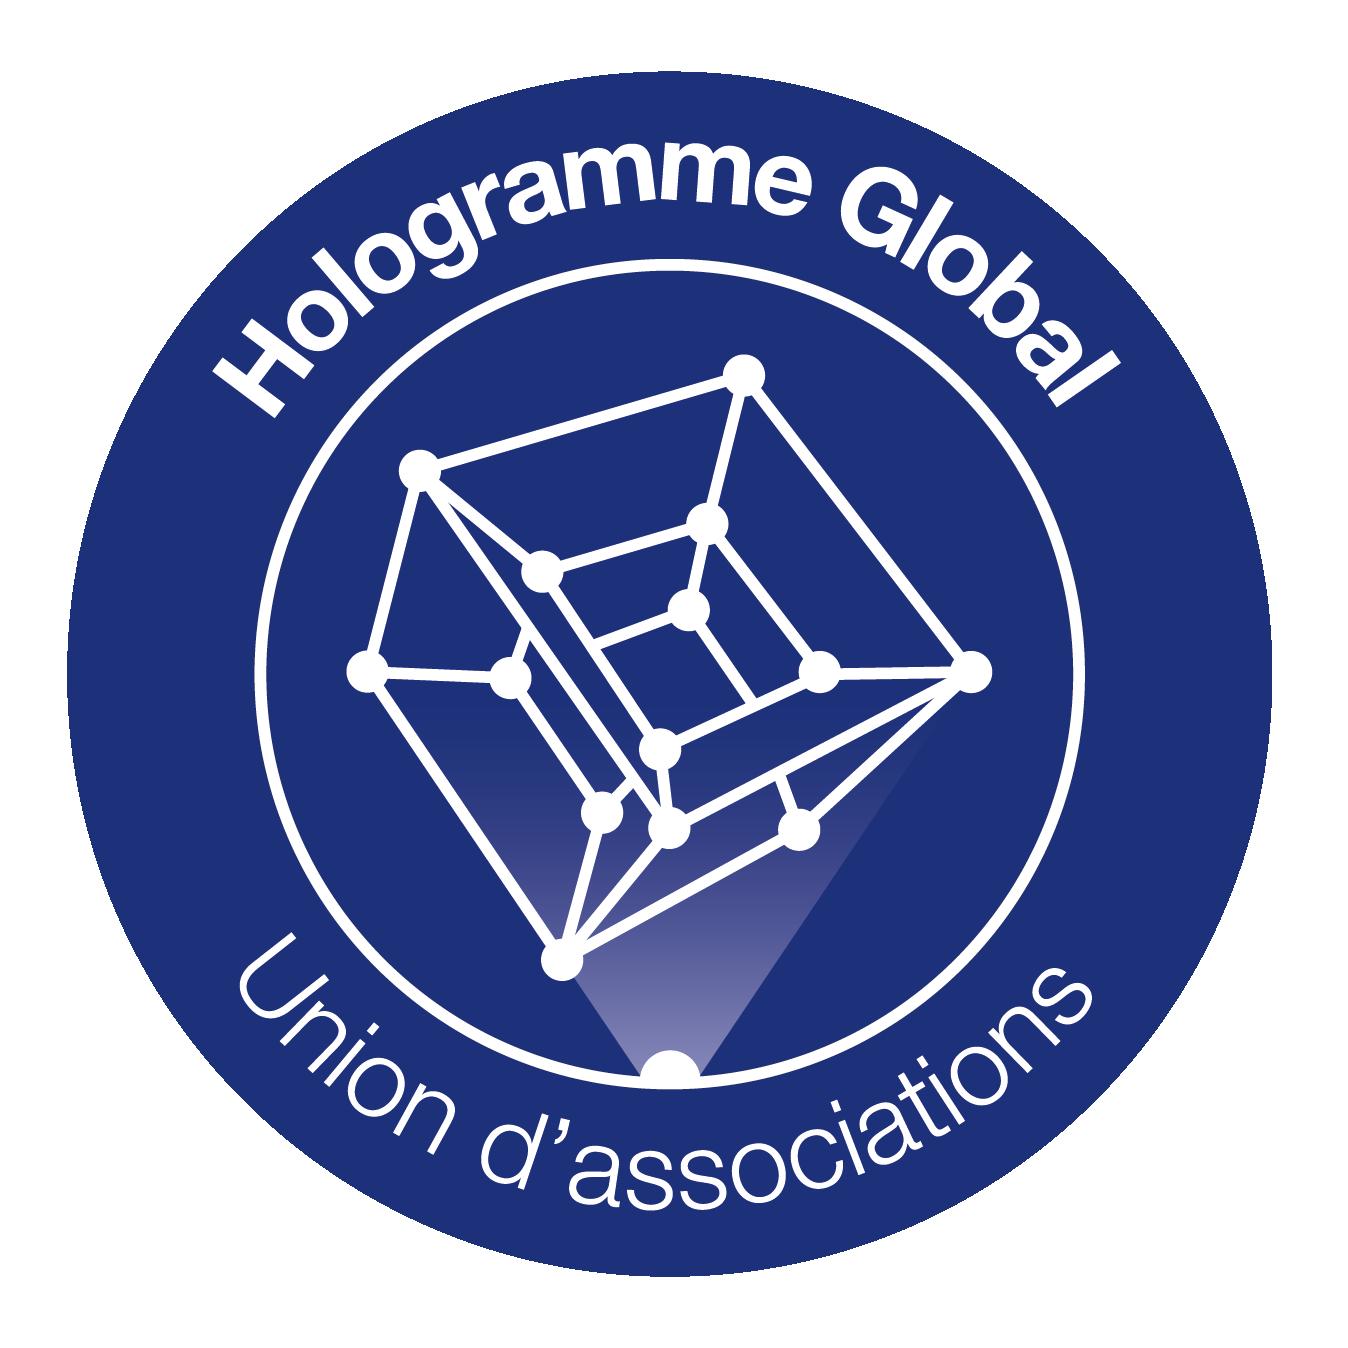 Association - Hologramme Global